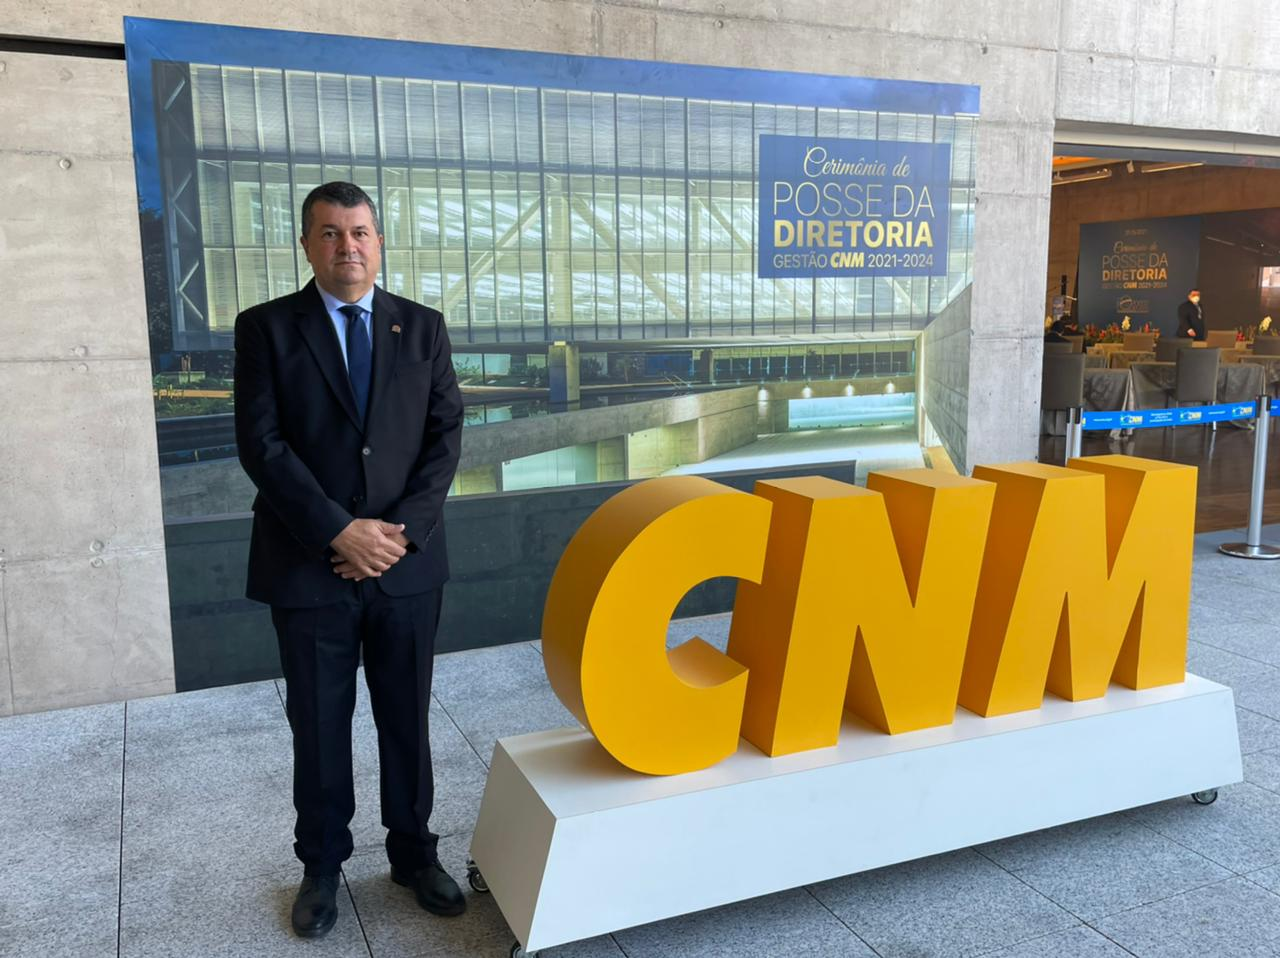 eecec748 932c f33a d083 c22cfb572e65 - George Coelho participa da posse da nova diretoria da CNM e destaca união em prol do municipalismo